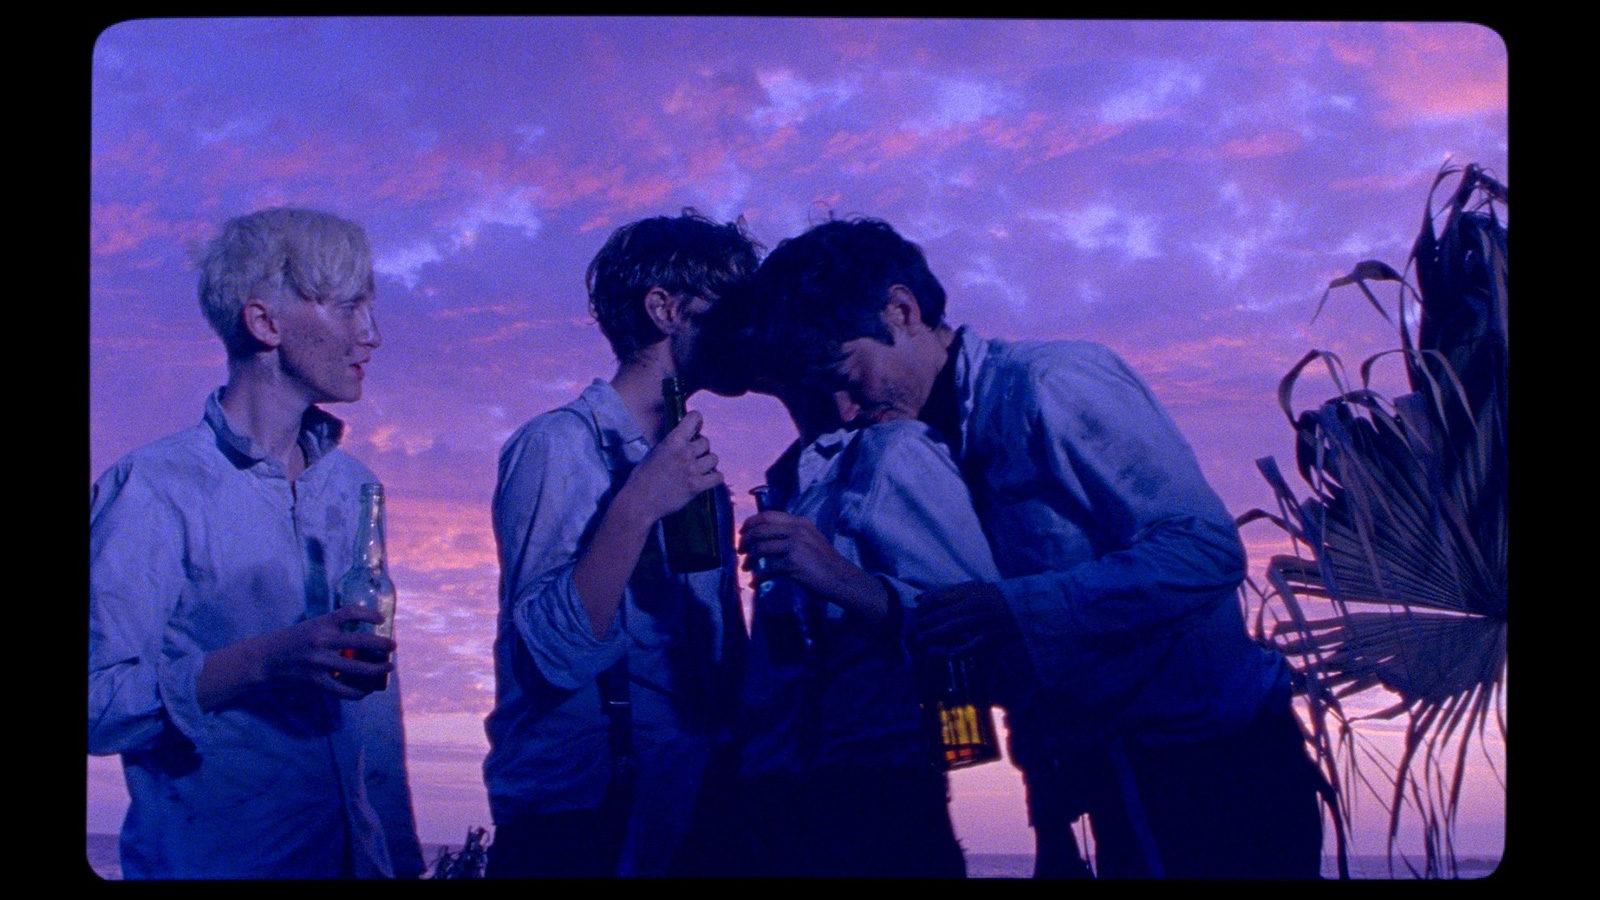 Wild-Boys-4-1600x900-c-default.jpg